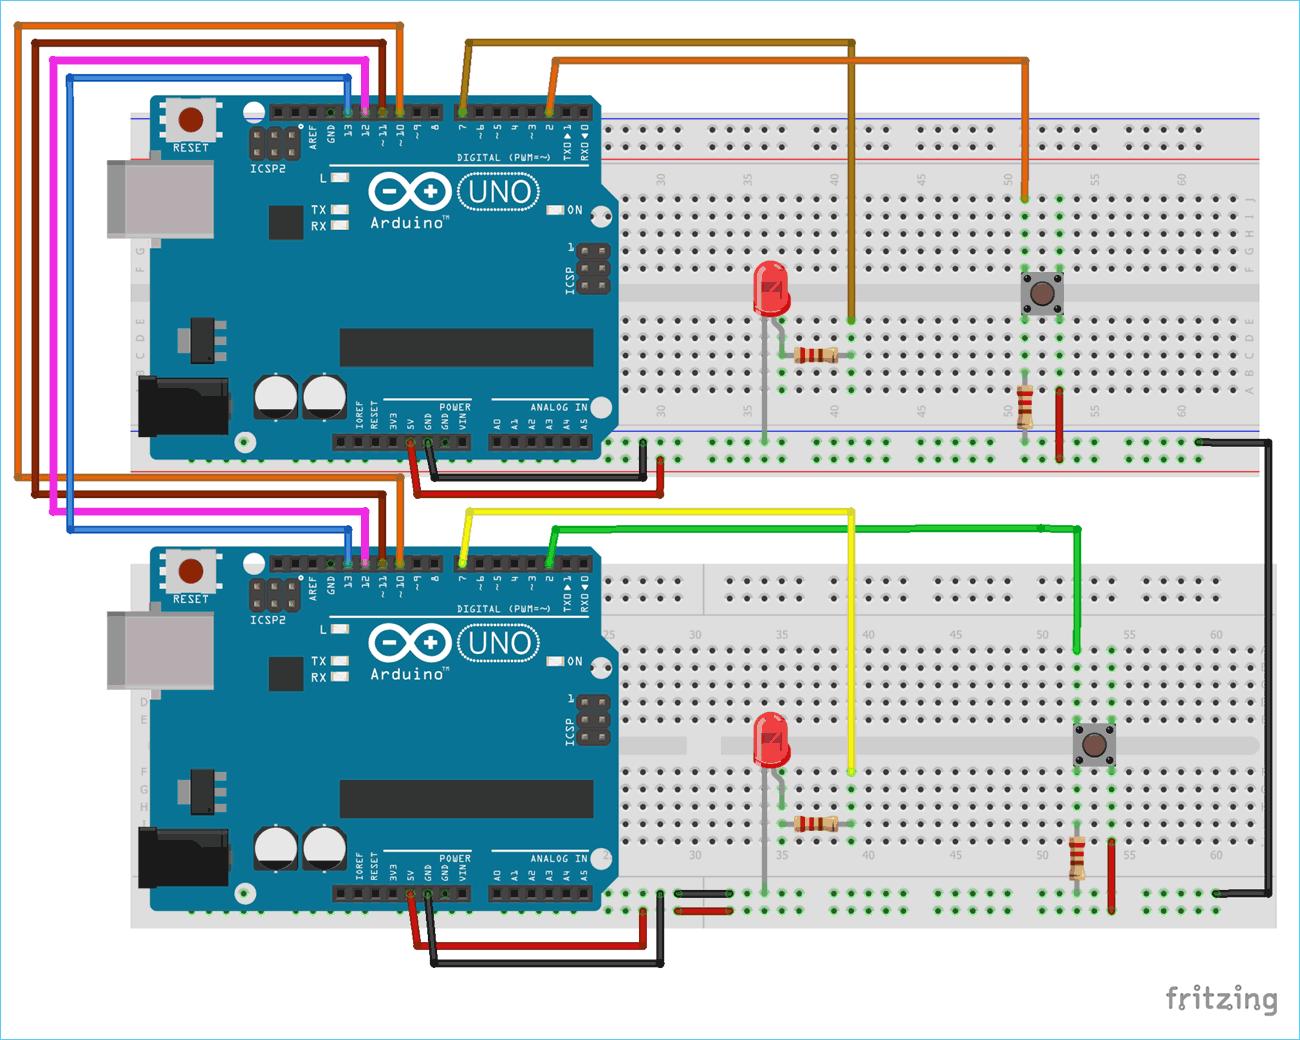 Схема проекта для последовательной связи между двумя платами Arduino по протоколу SPI